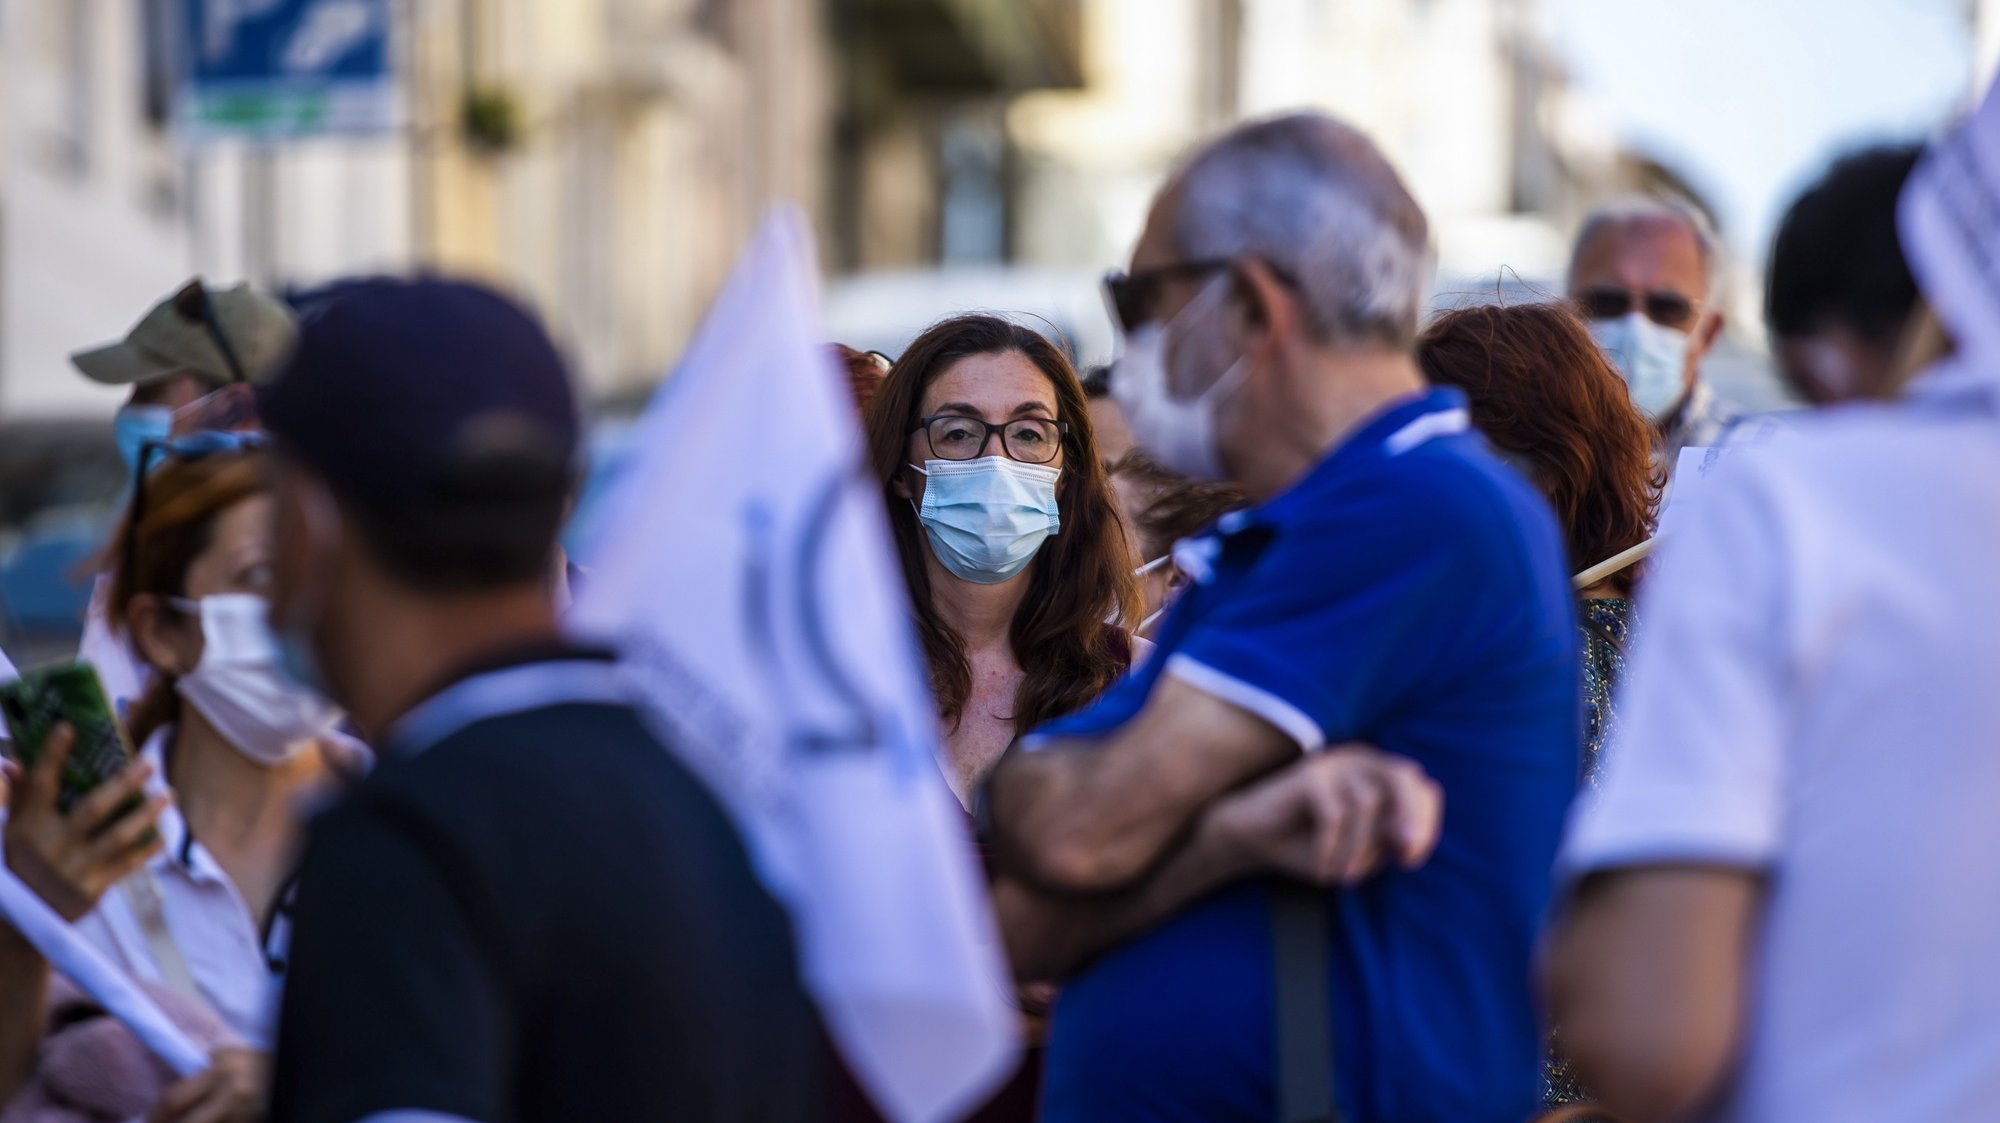 Concentração de ativistas da Frente Sindical da MEO/Altice convocada pela Frente Sindical com apoio da CGTP, em protesto pelos despedimento de 300 trabalhadores da MEO/Altice, nas imediações da Residência Oficial do primeiro-ministro, em Lisboa, 16 de julho de 2021. JOSÉ SENA GOULÃO/LUSA